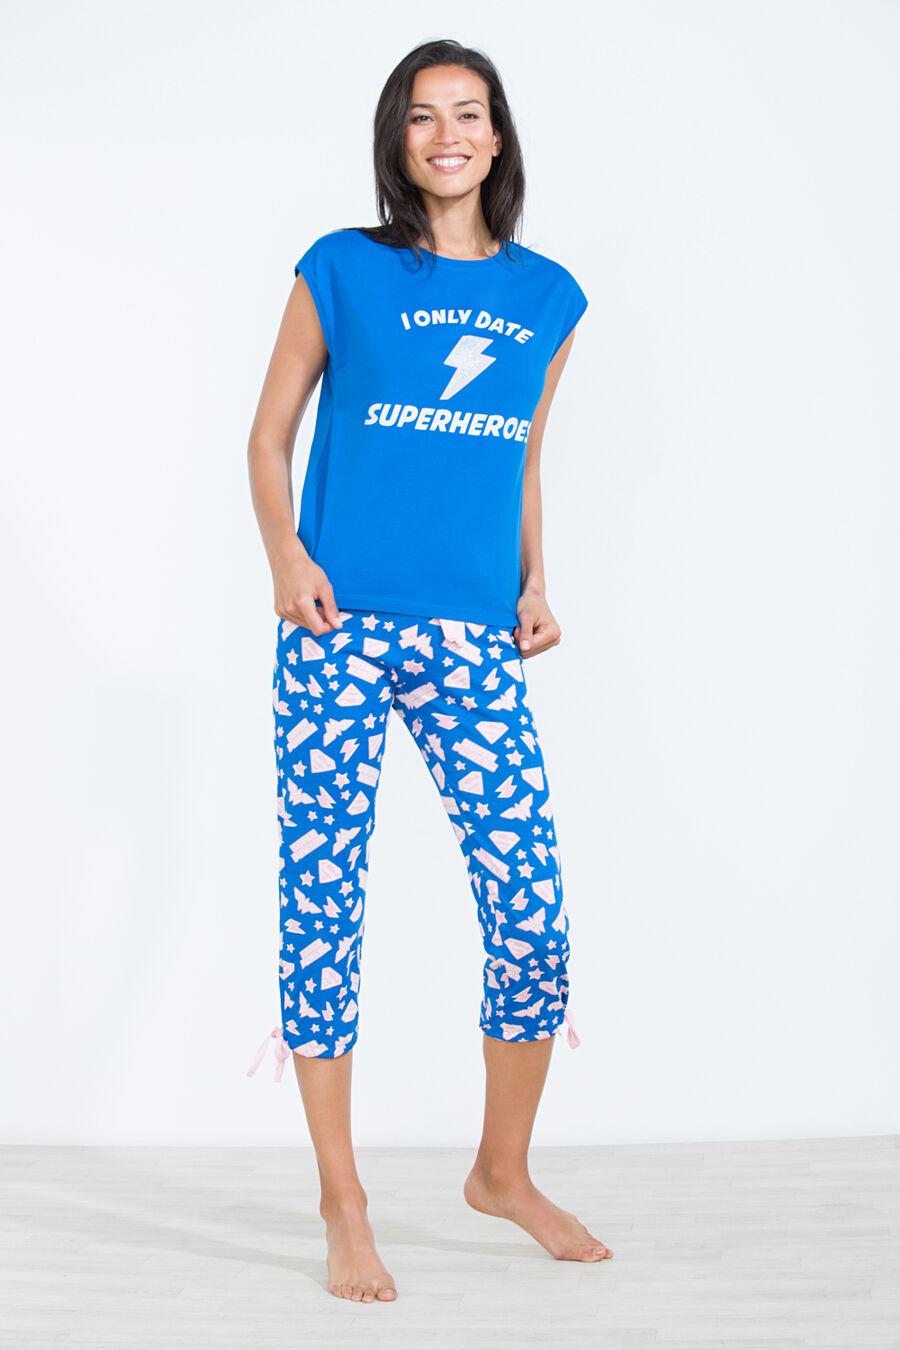 'I only date Superheroes' long pyjama